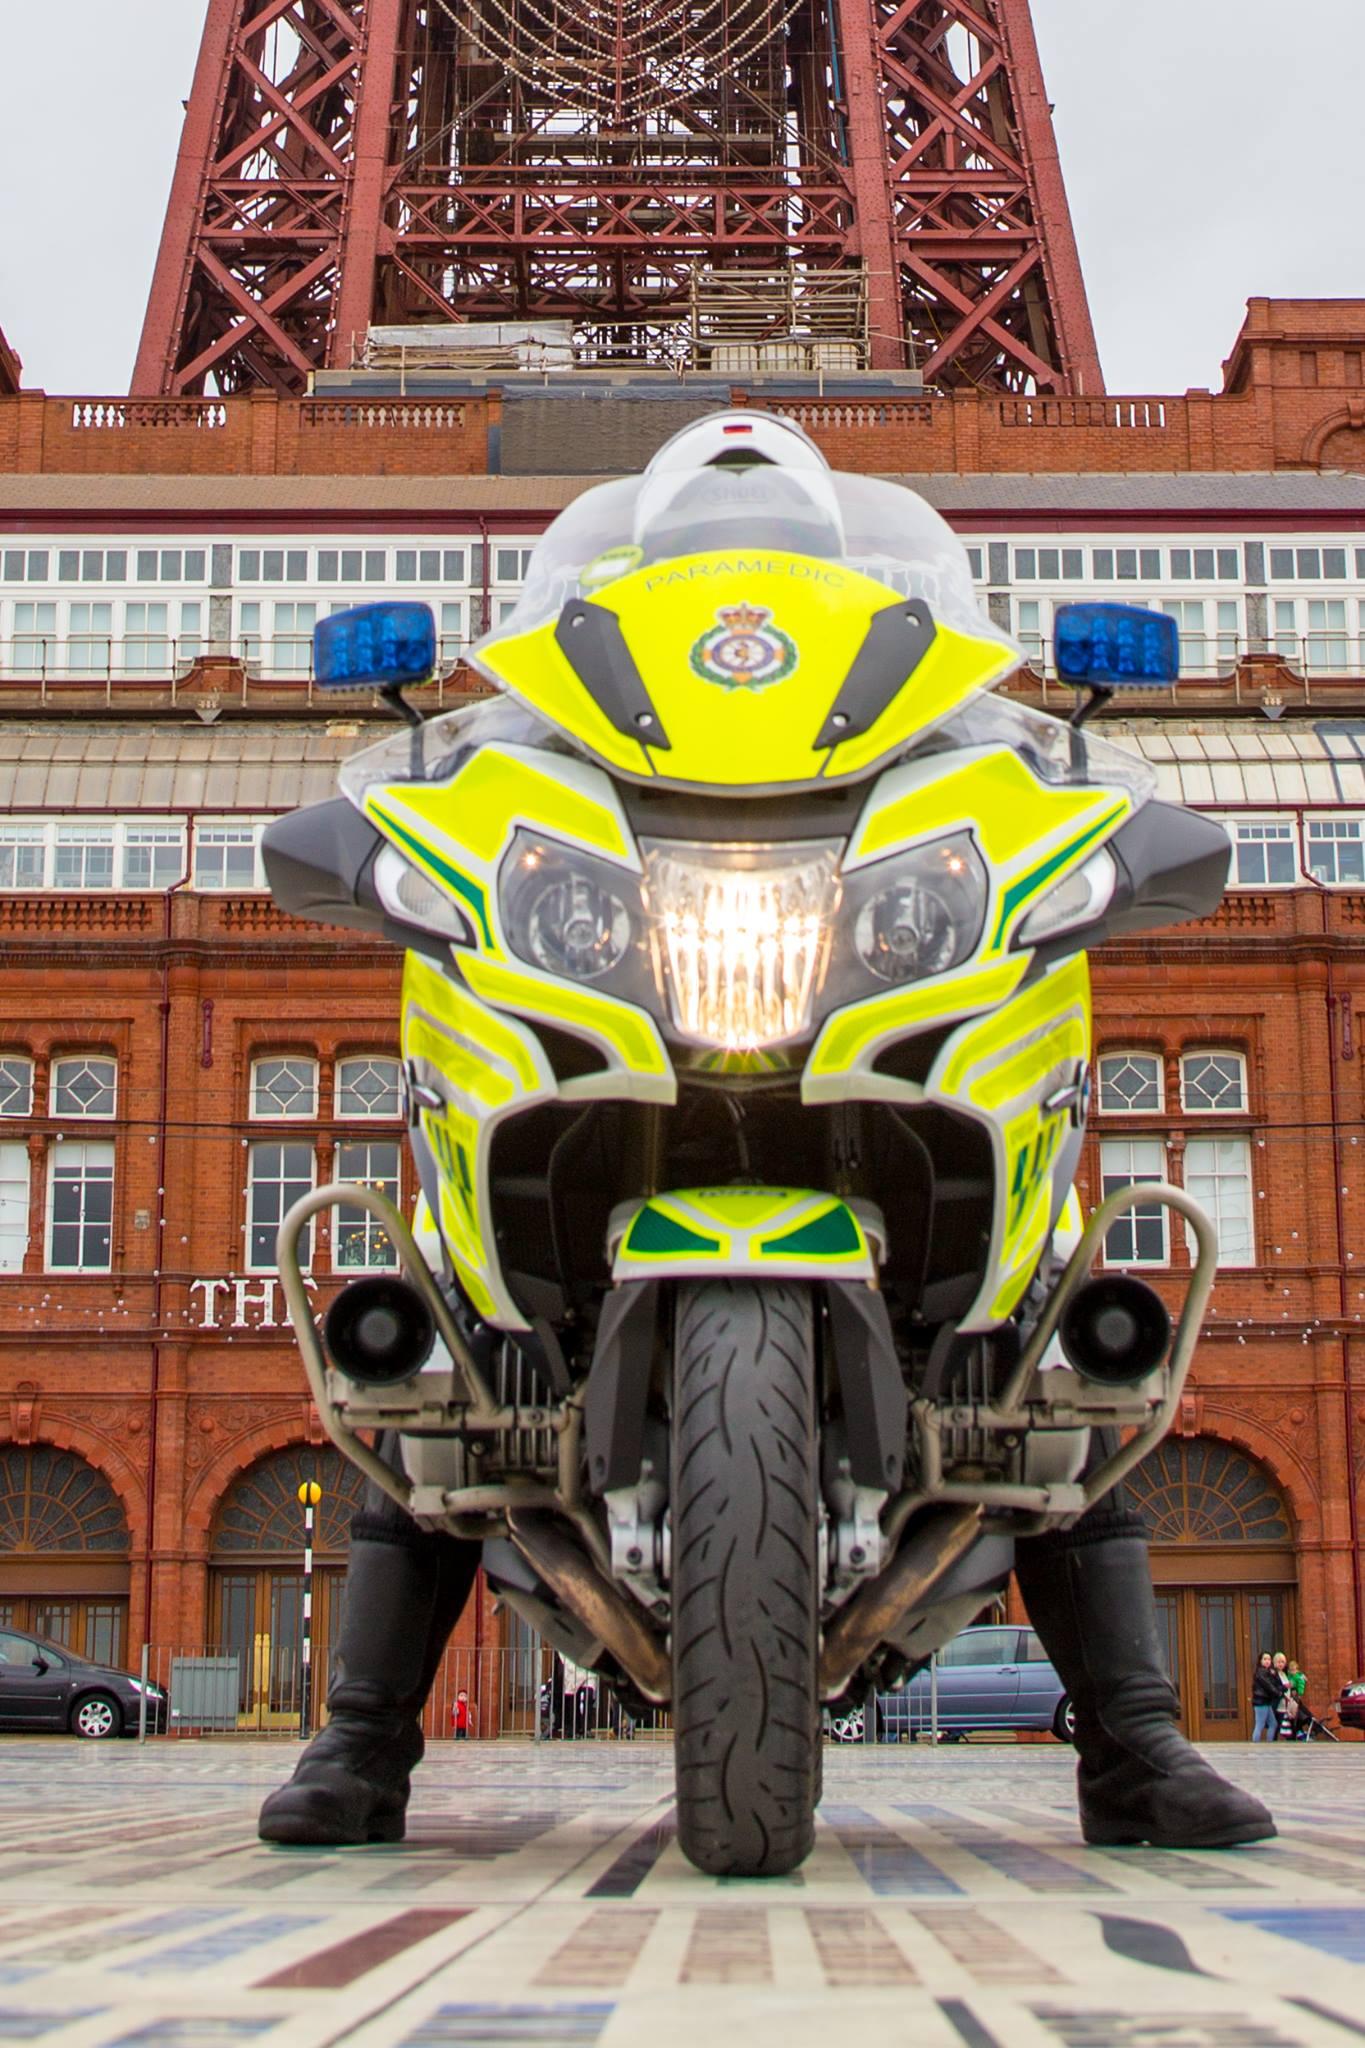 Ambulance Motorcycle